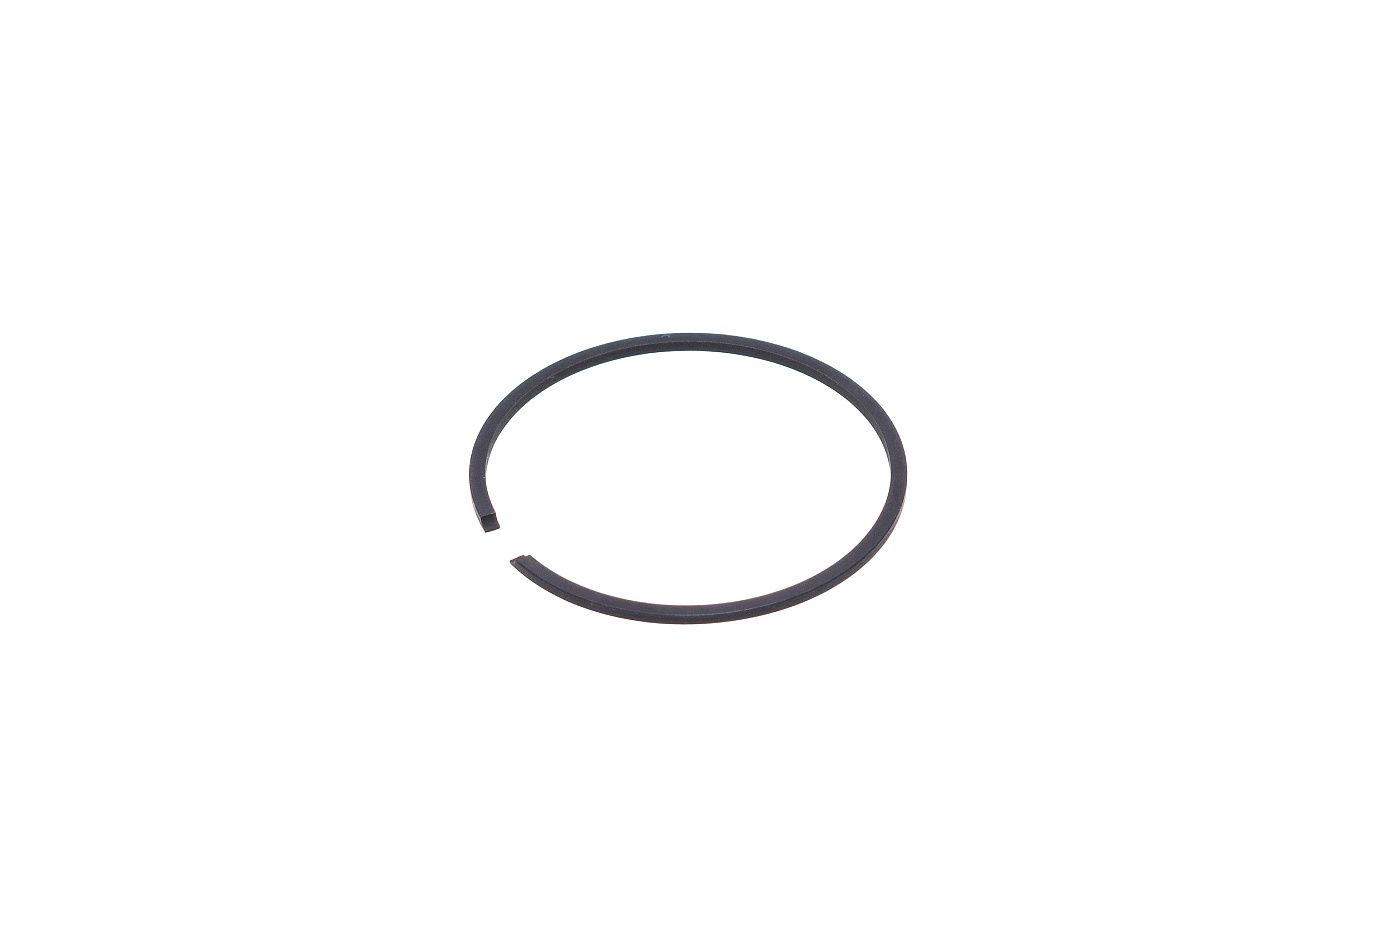 Piestne krúžok 46 x 1,5 mm